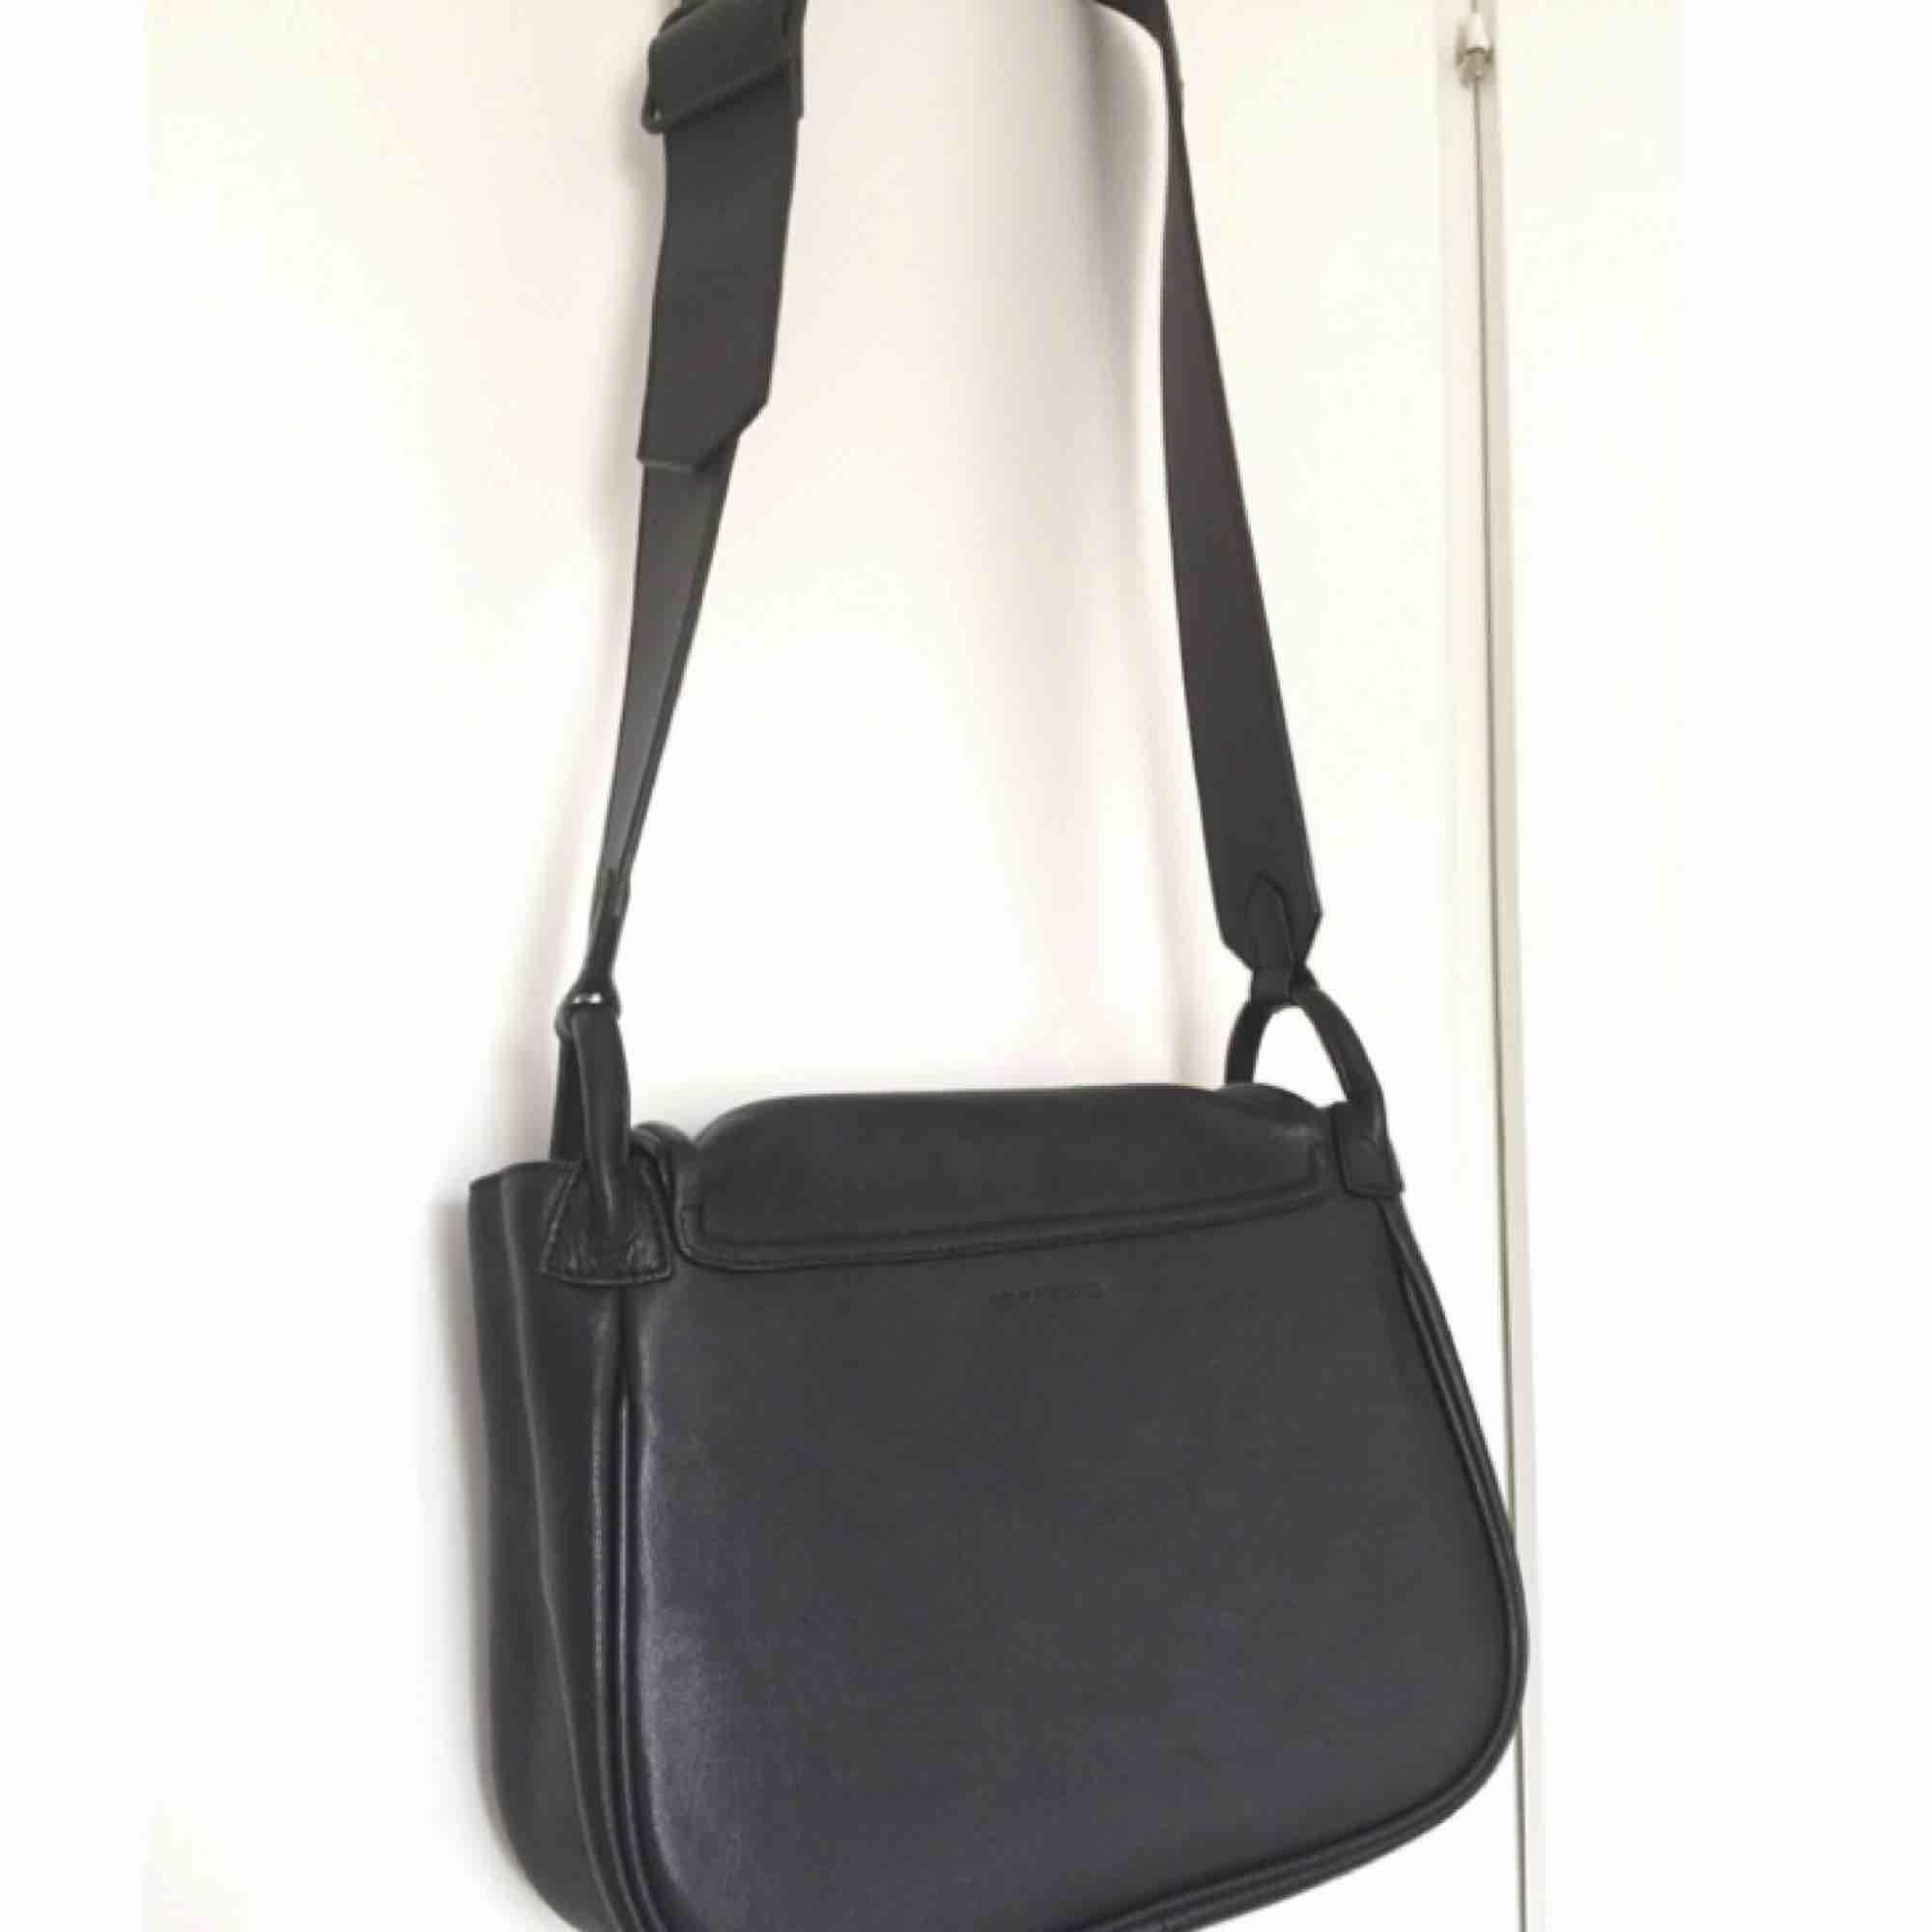 Superfin sadelväska från Vagabond med lite bredare axelrem som har justerbar längd. Lock stängs med magnettryckknapp. Knappt använd så superfint skick.   Mått: Höjd: ca 25,5 cm Bredd ca 27,5 cm Djup ca 10,5 cm. Väskor.